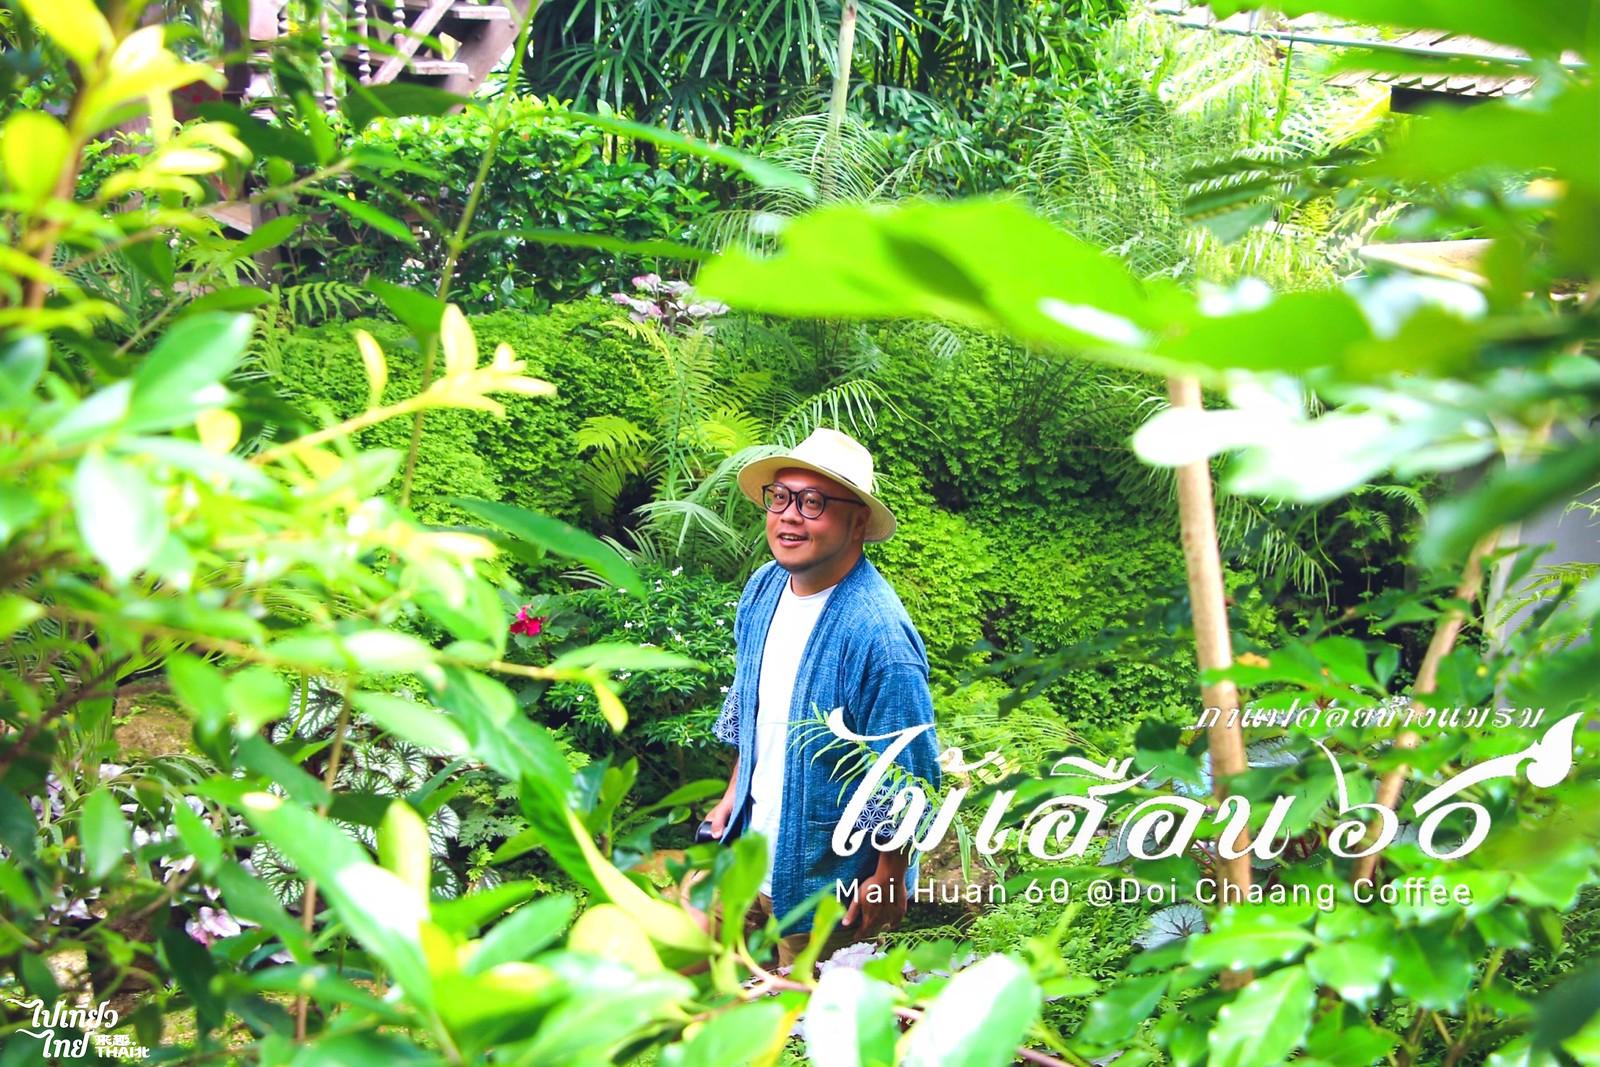 清邁湄林。綠野仙蹤咖啡【Mai Huan 60 Doi Chaang Coffee】